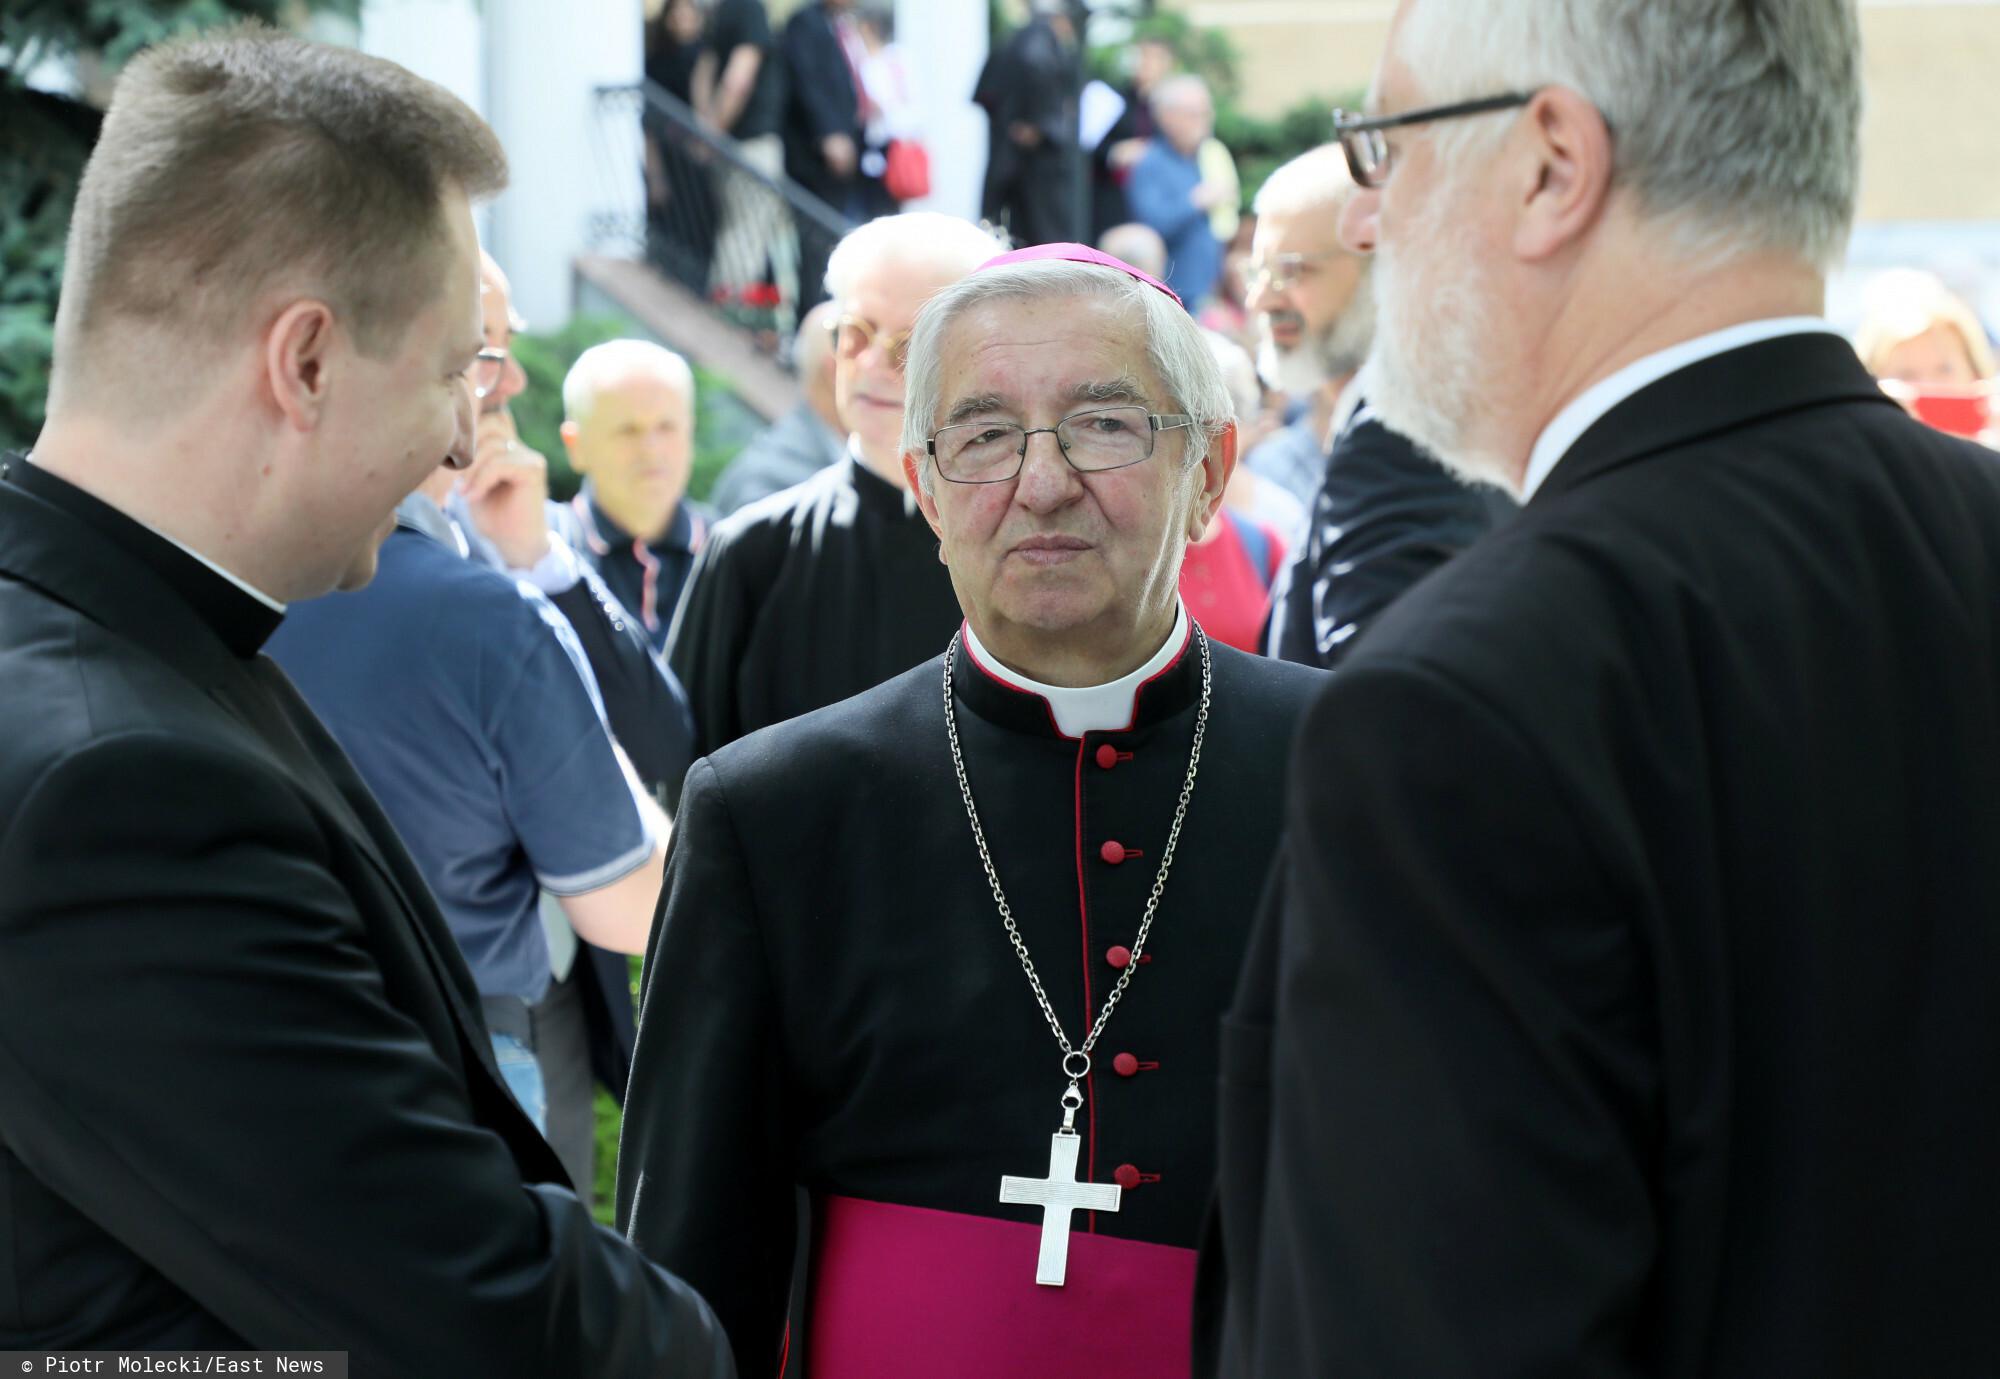 Abp Sławoj Leszek Głódź wpłacił pieniądze na Fundację św. Józefa, realizując tym samym wyrok Watykanu.